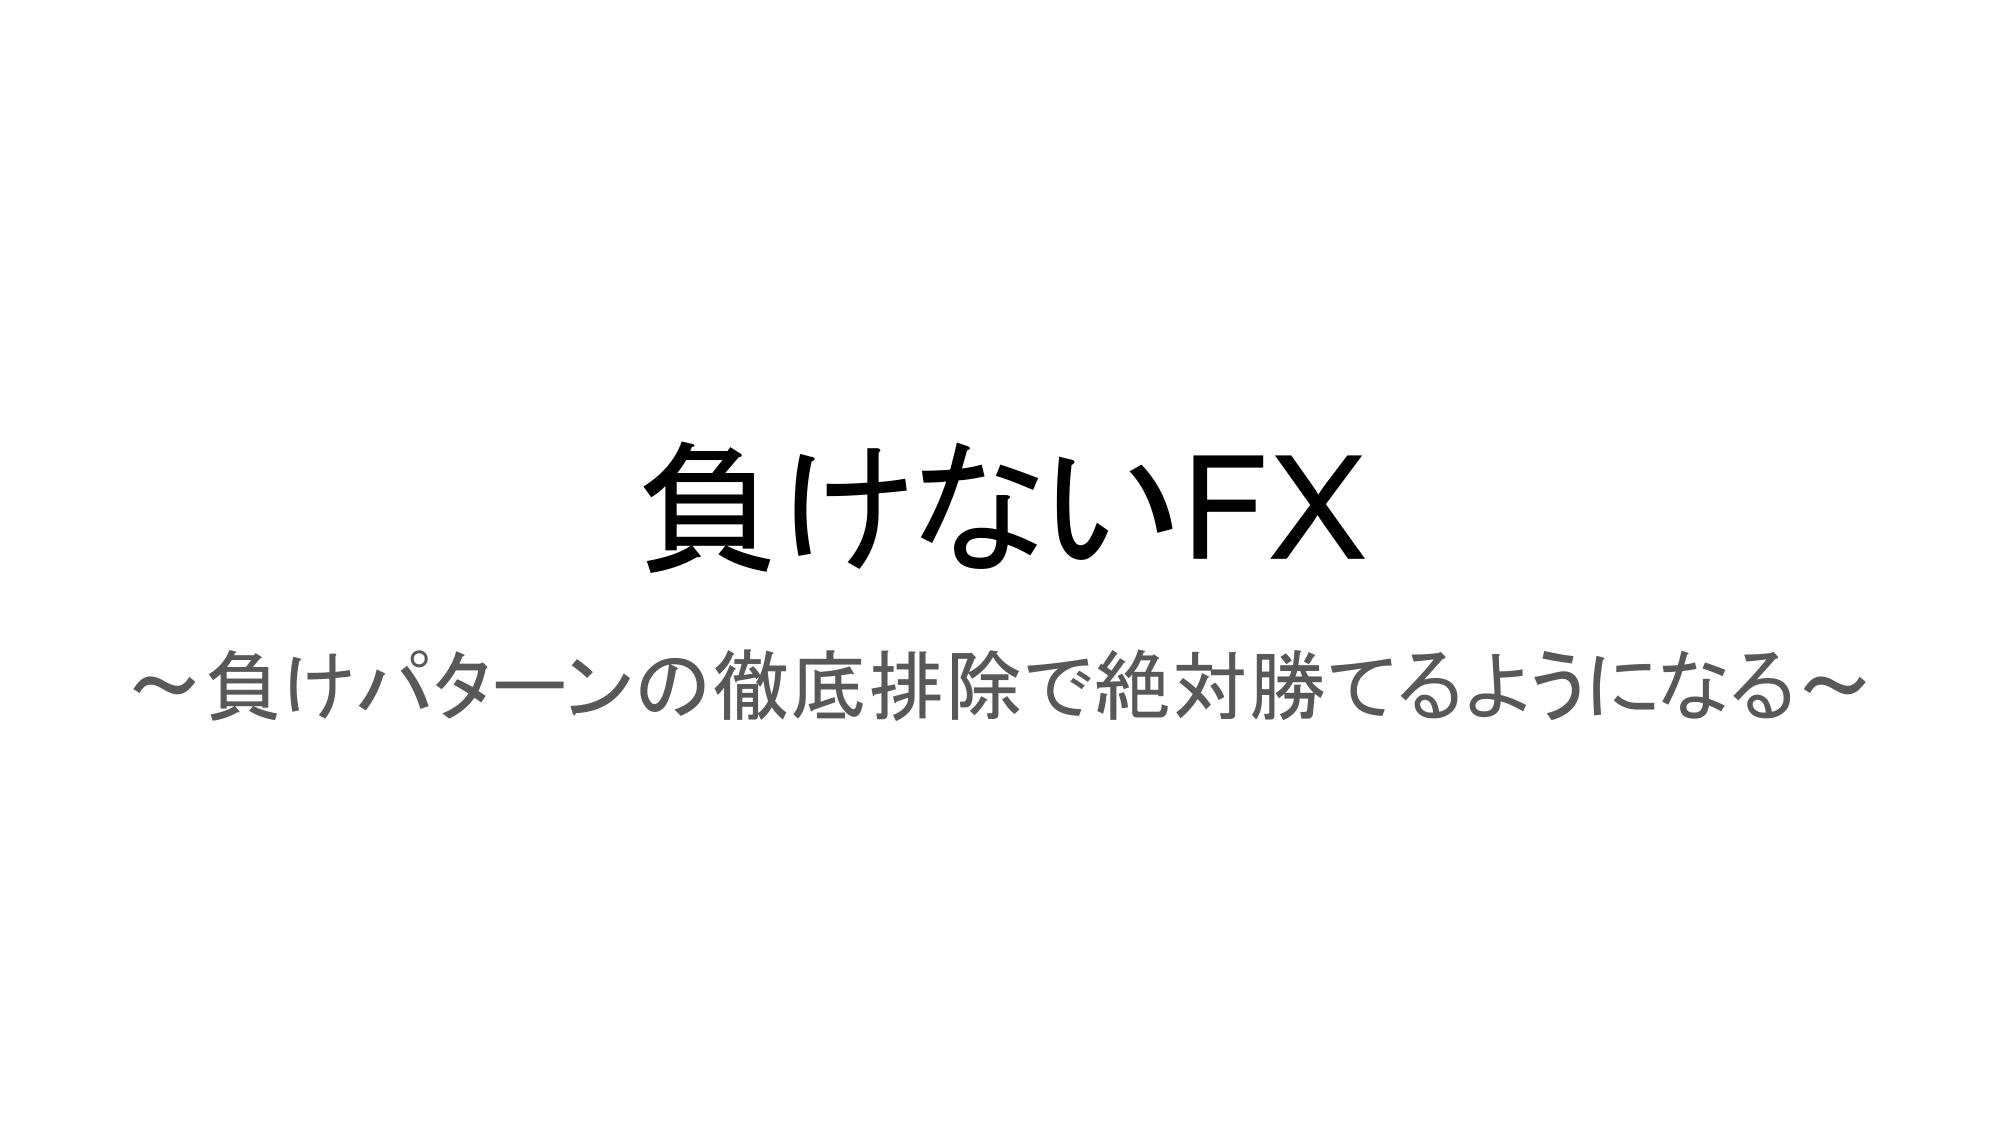 雋縺代↑縺ЁX-01.png